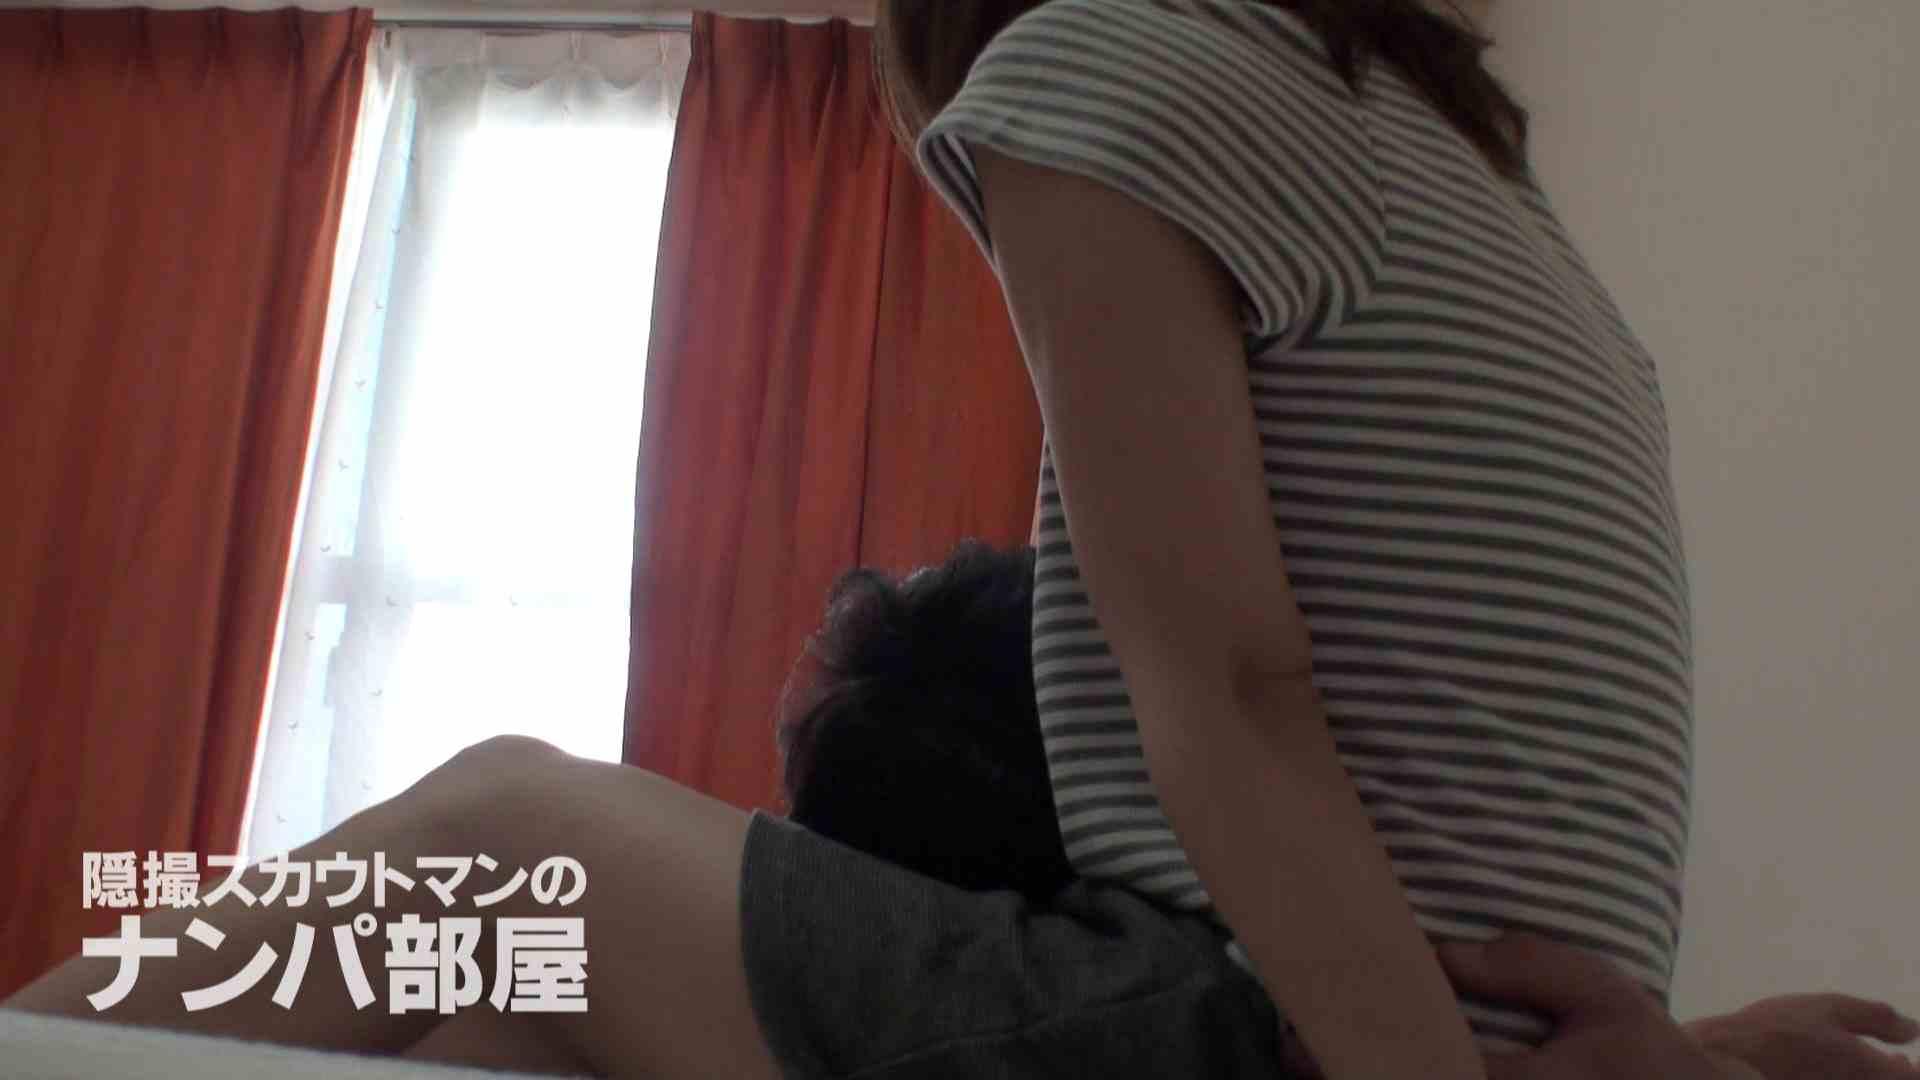 隠撮スカウトマンのナンパ部屋~風俗デビュー前のつまみ食い~ siivol.3 ナンパ  90連発 56